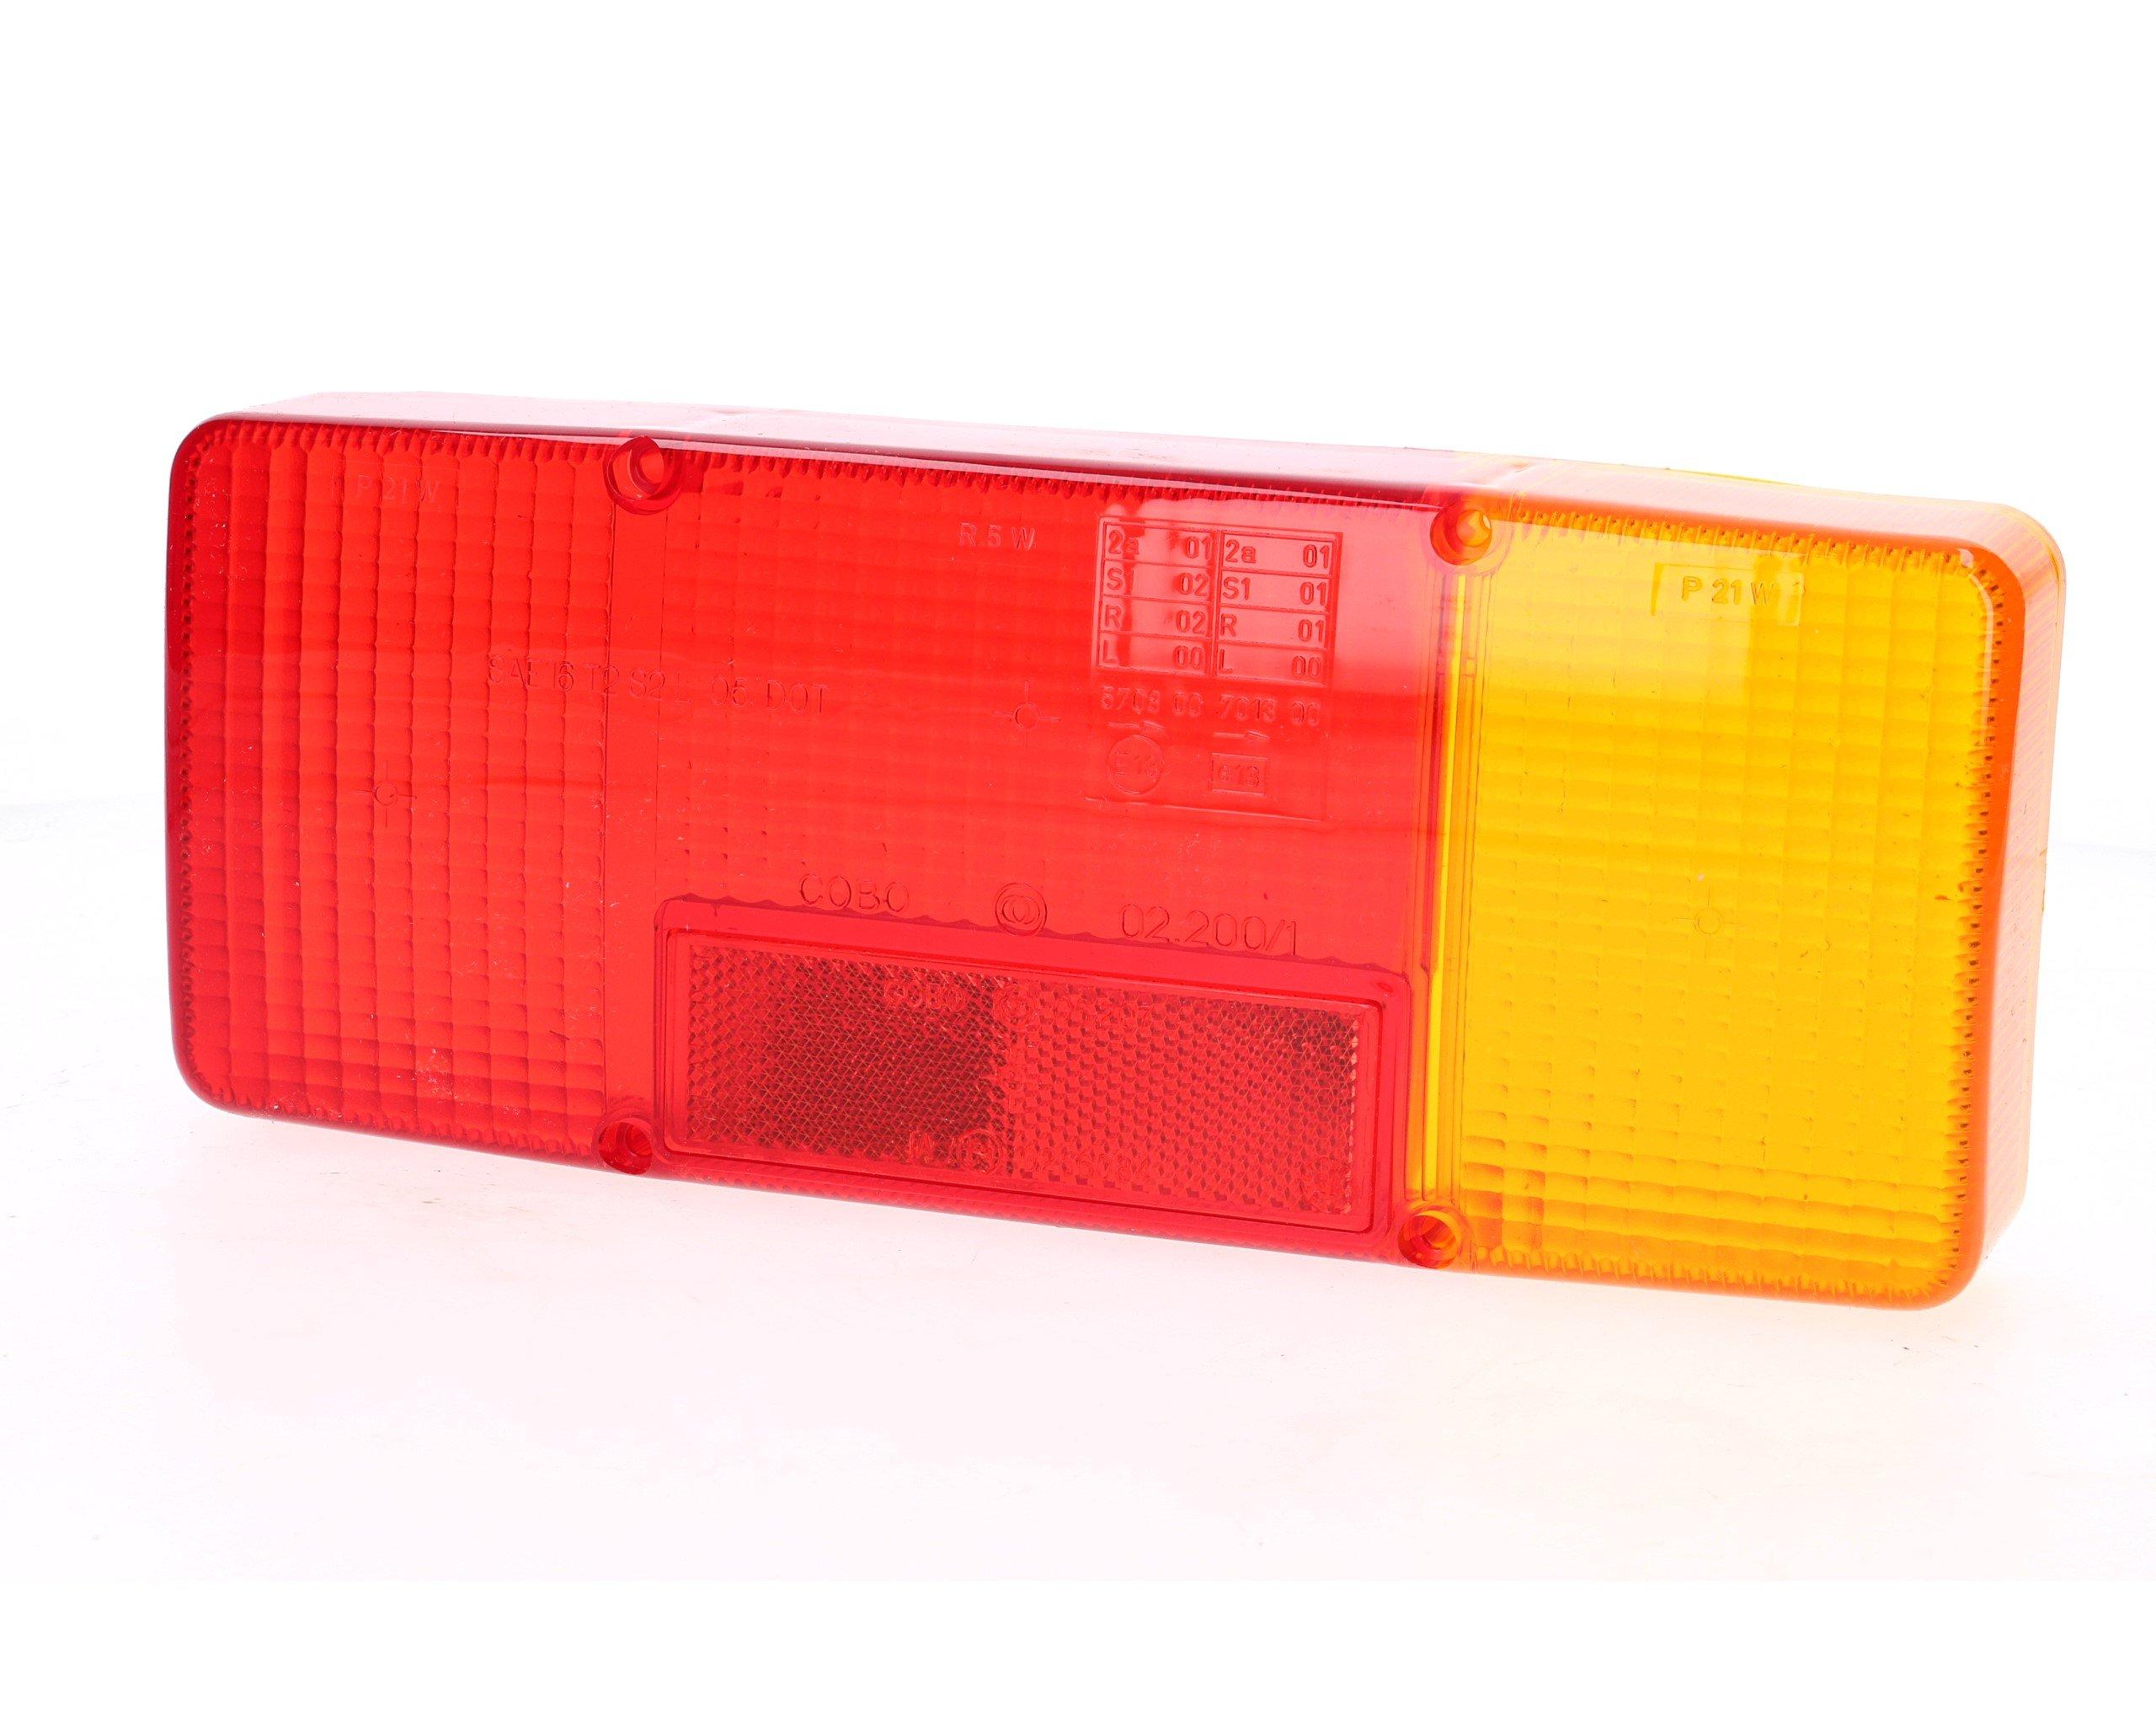 klosz lampy tylnej prawy COBO Lamborghini, Same 2.8019.980.1, 280199801